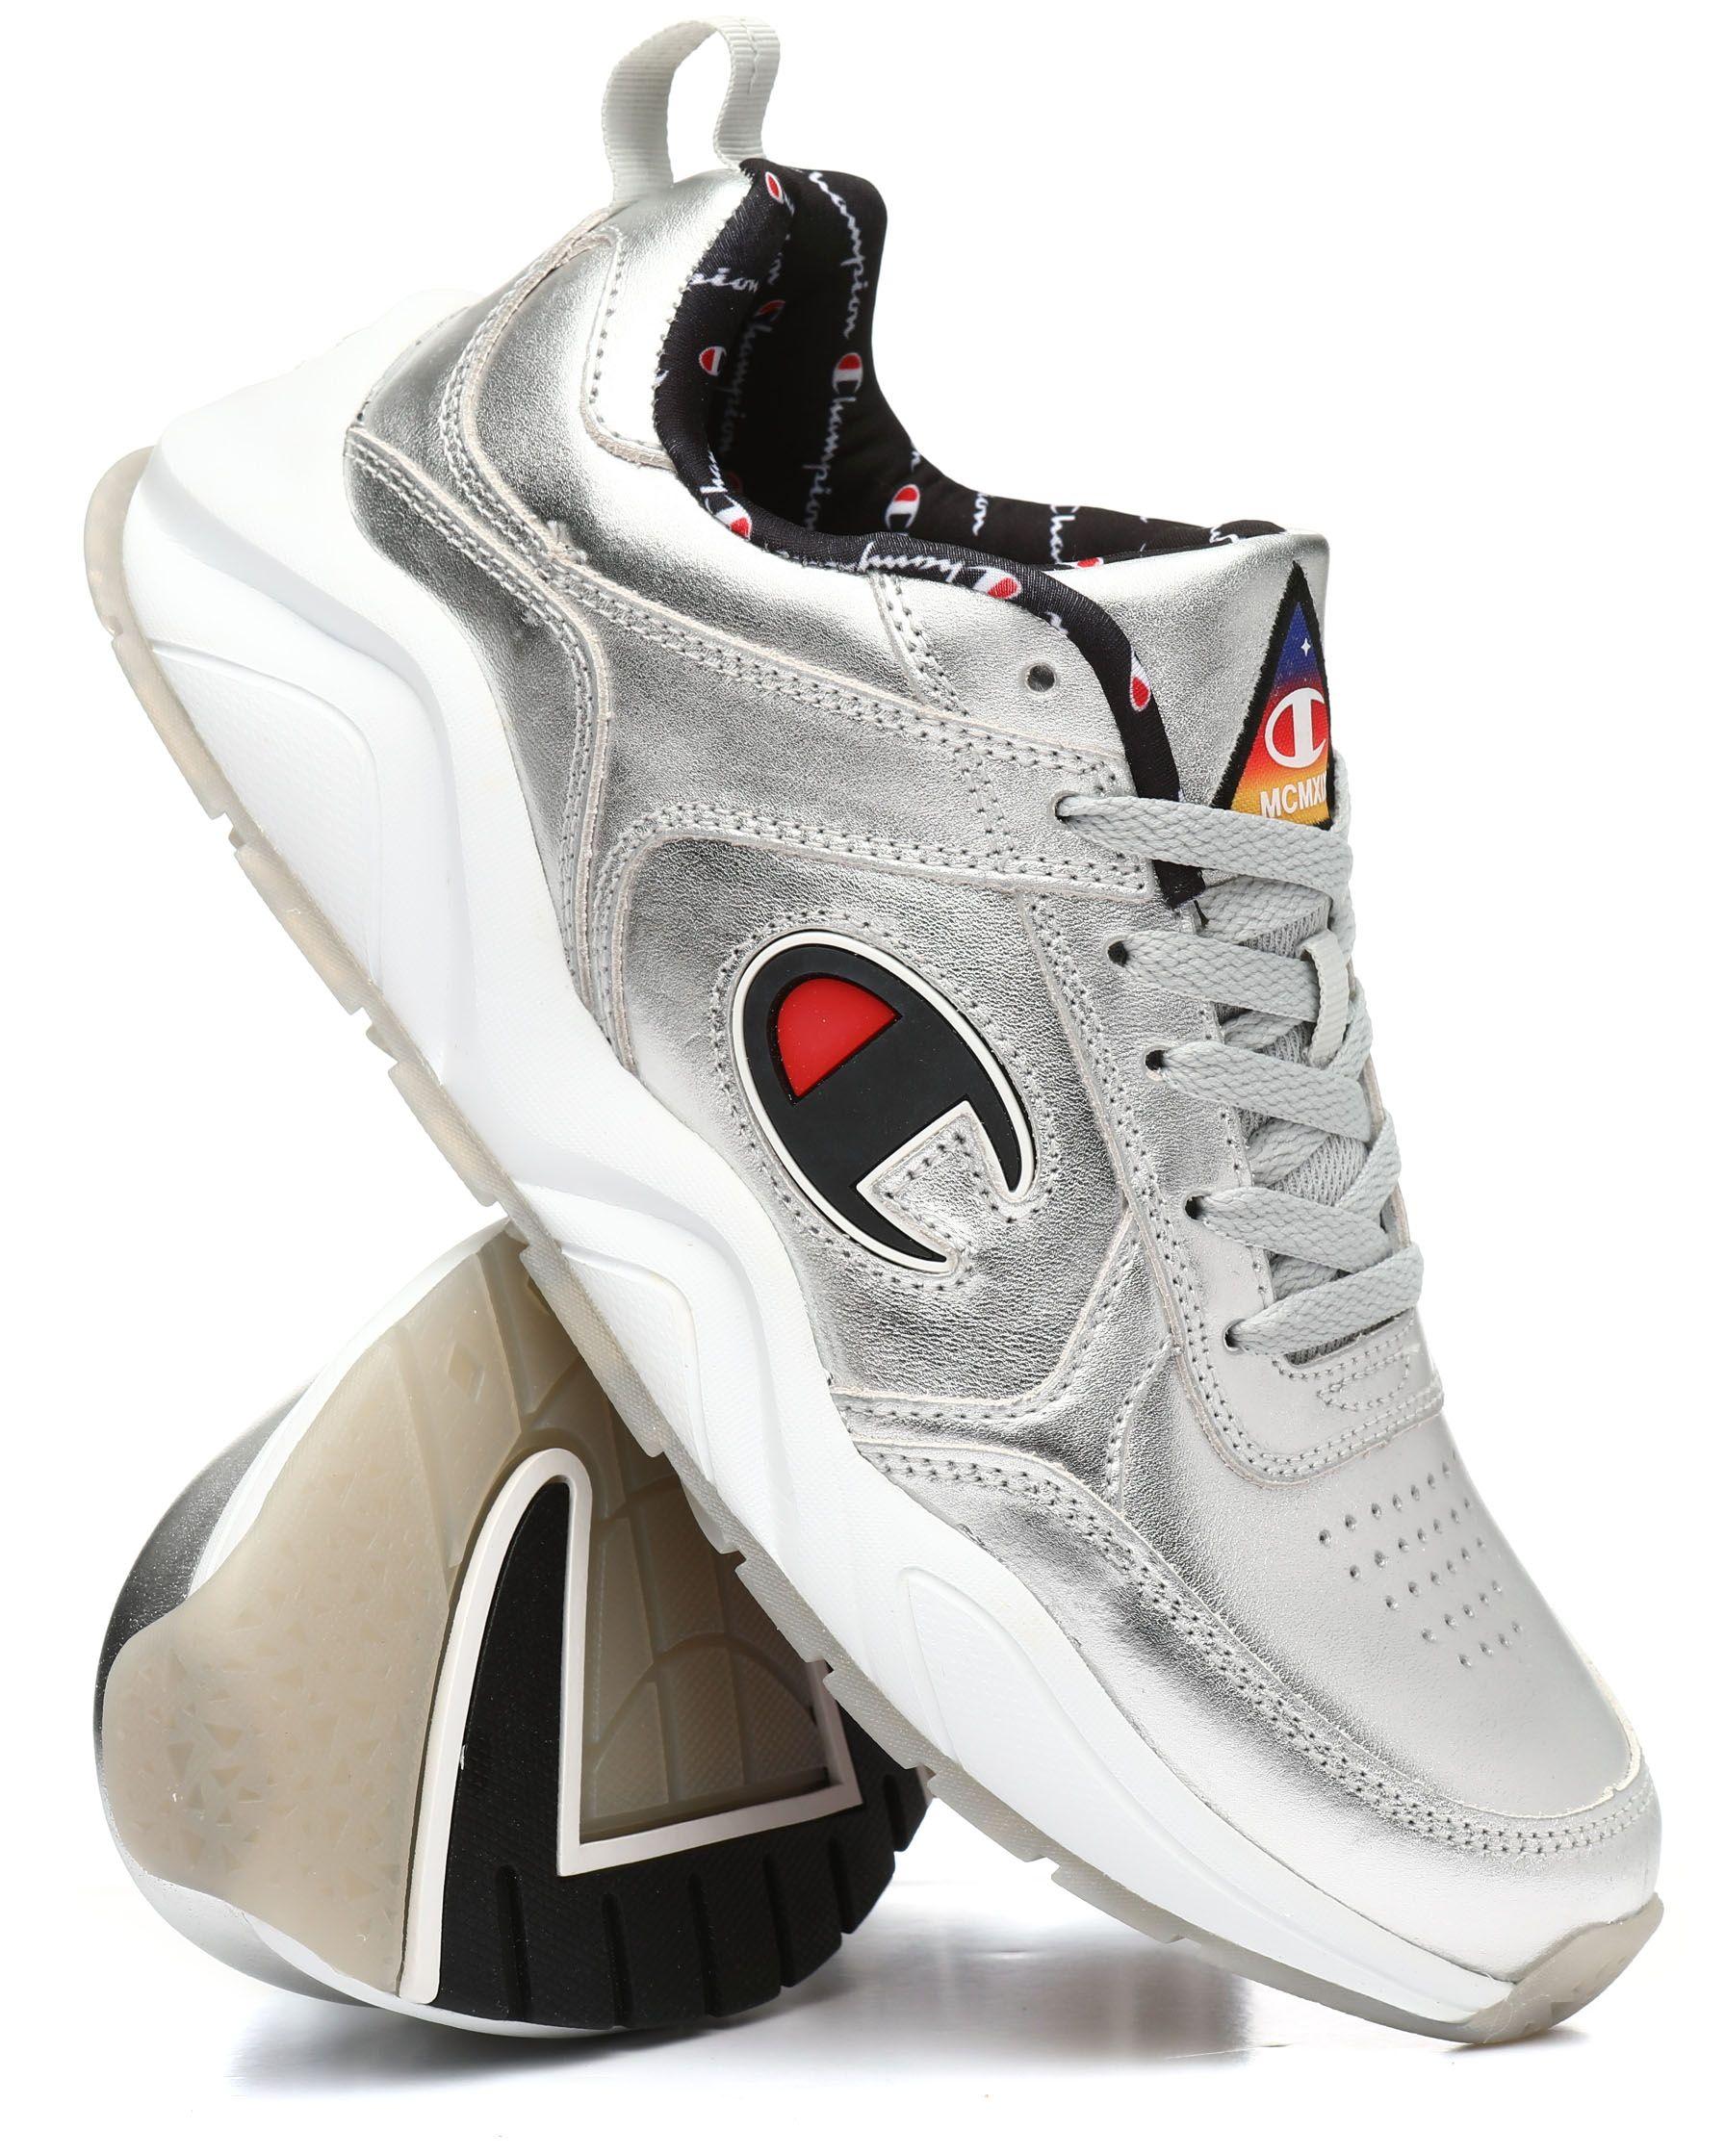 93eighteen Metallic Sneakers From Champion At Drjays Com Champion Sneakers Champion Shoes Sneakers [ 2240 x 1792 Pixel ]